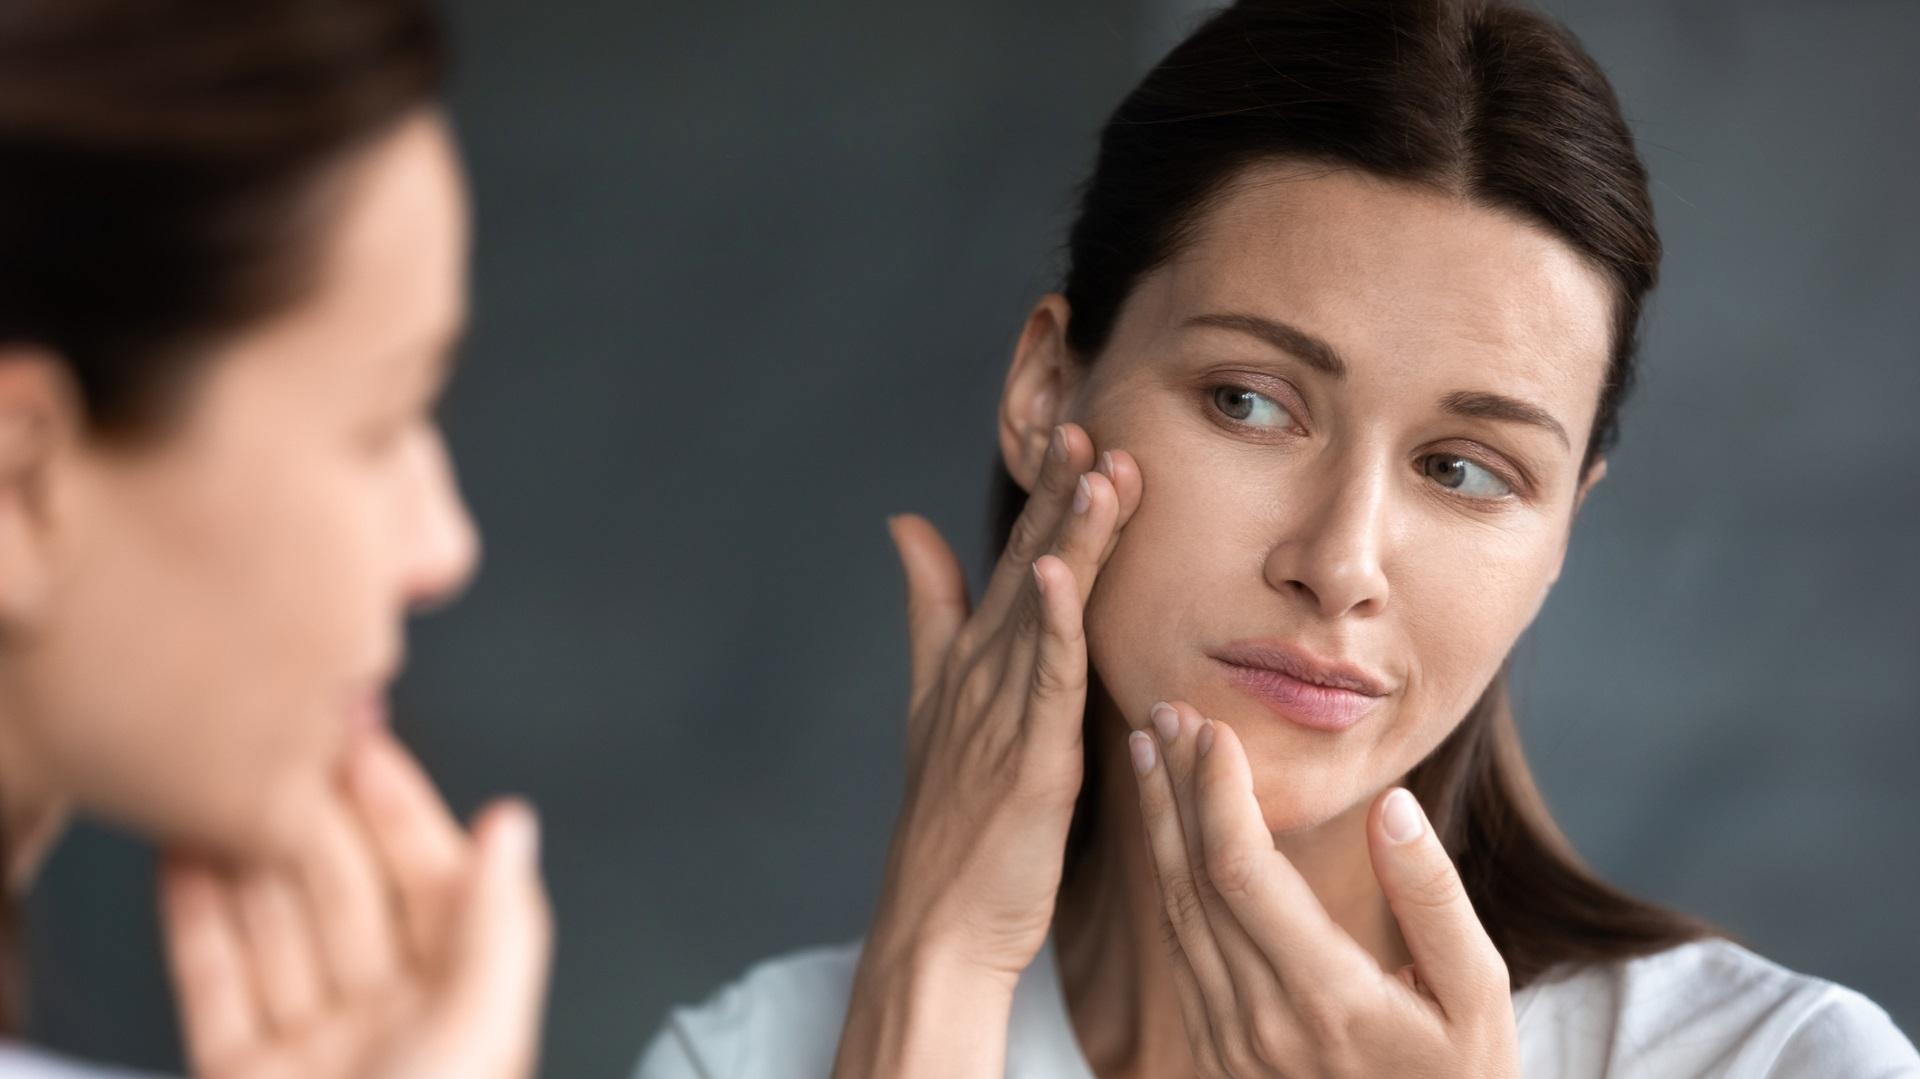 <p><strong>Може да заздрави кожата ви</strong></p>  <p>Малко лимонова вода може да е достатъчно, за да имате красива кожа. Самата хидратация подобрява качеството на кожата. Можете да закупите всички кремове и серуми, но ако не хидратирате отвътре навън, никога няма да получите оптималните резултати за кожата. Витамин С, който се съдържа в лимоните, може да насърчи синтеза на колаген, помагайки на кожата ви да изглежда по-млада и по-здрава с течение на времето.</p>